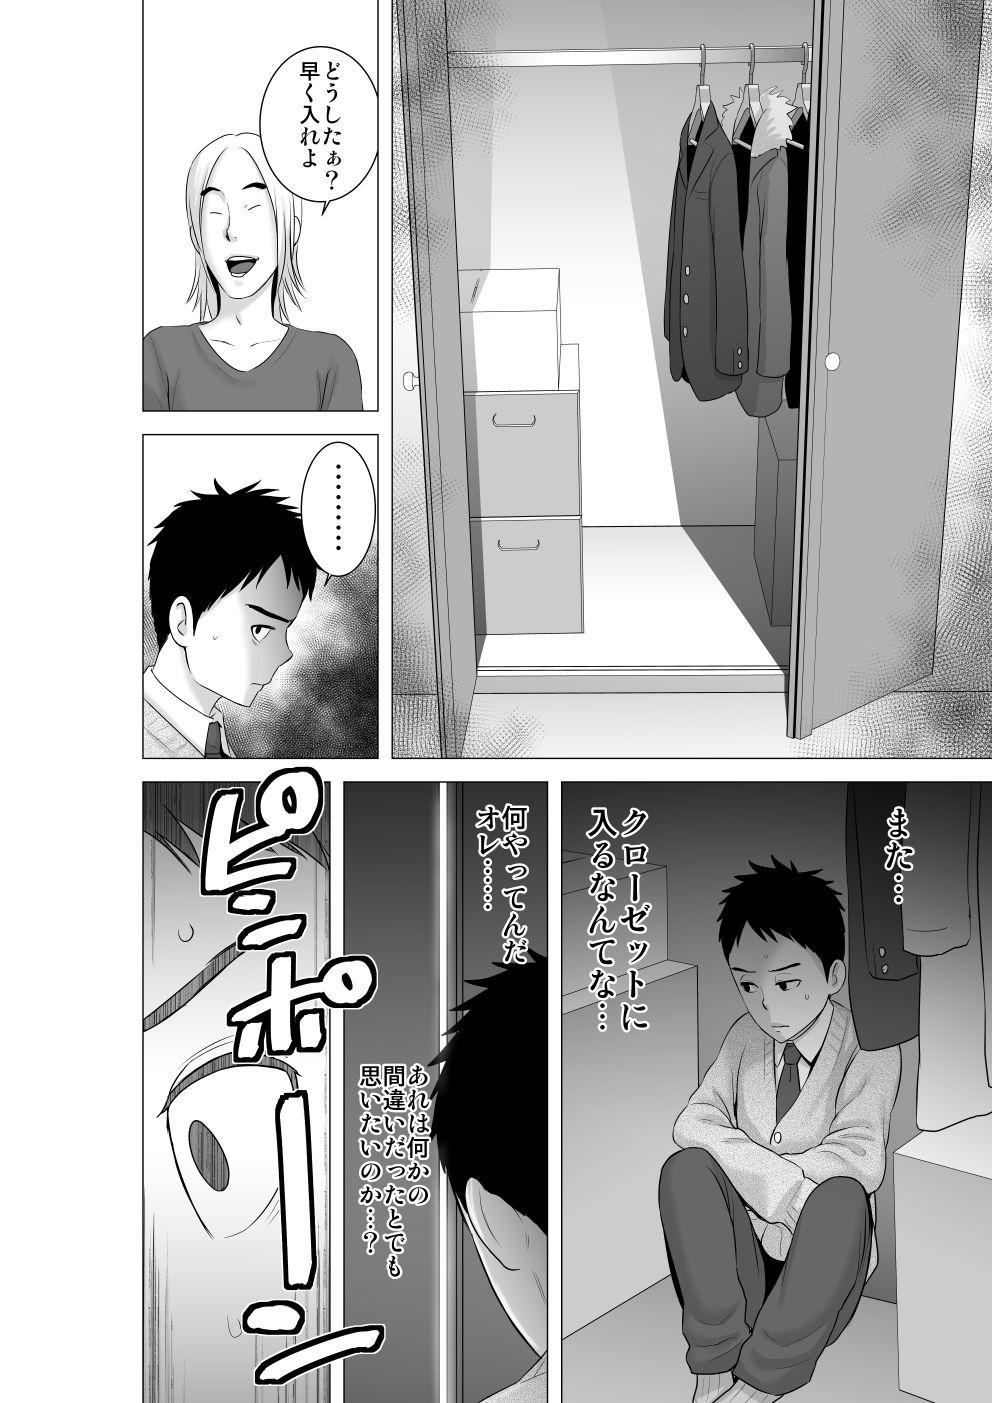 【画像あり】 男子をくっそ射精させまくったエロ漫画家ランキングTOP10が話題に  [324064431]YouTube動画>1本 ->画像>193枚